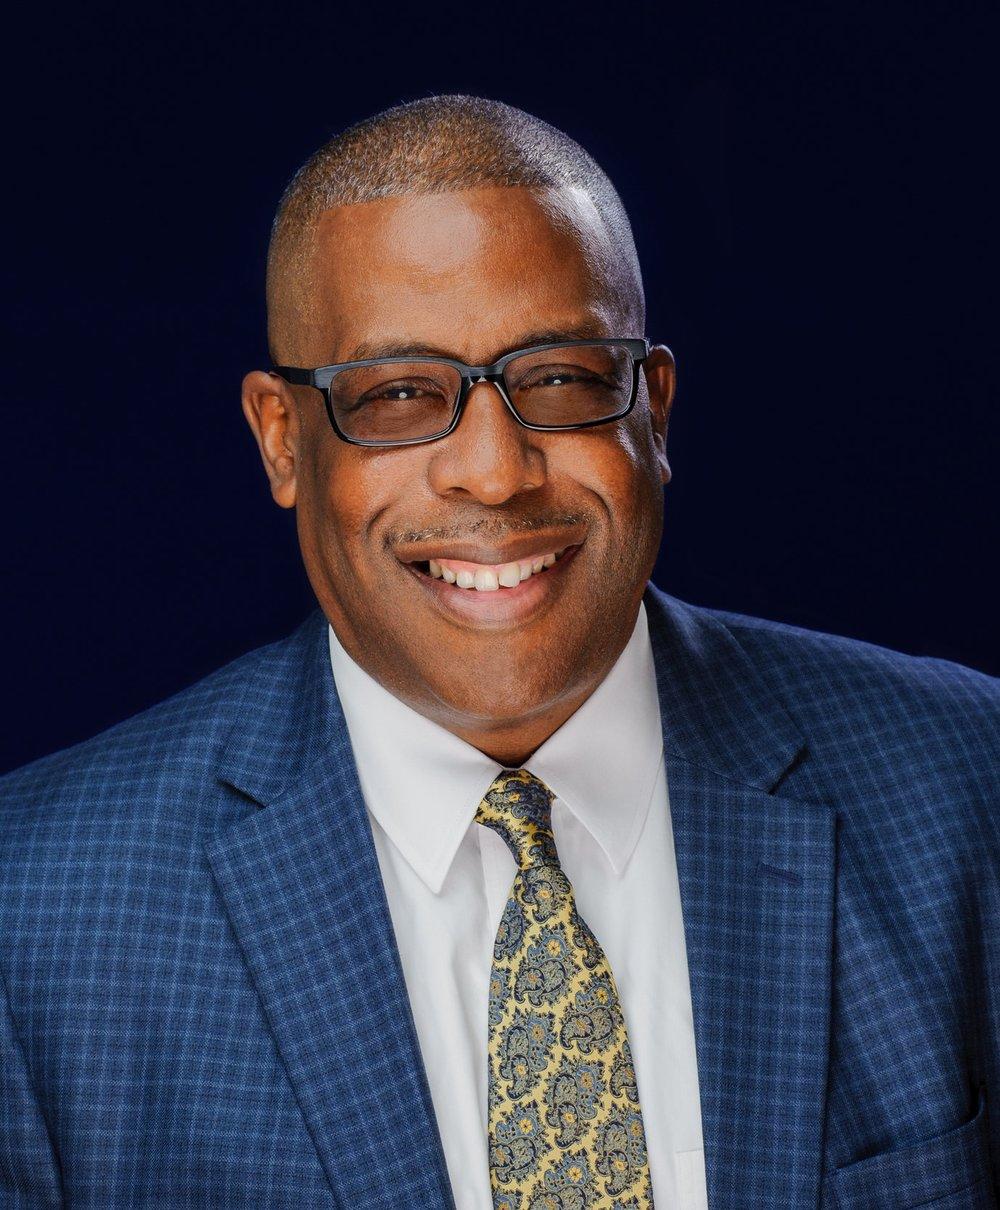 Reuben J. Pettiford, President & CEO